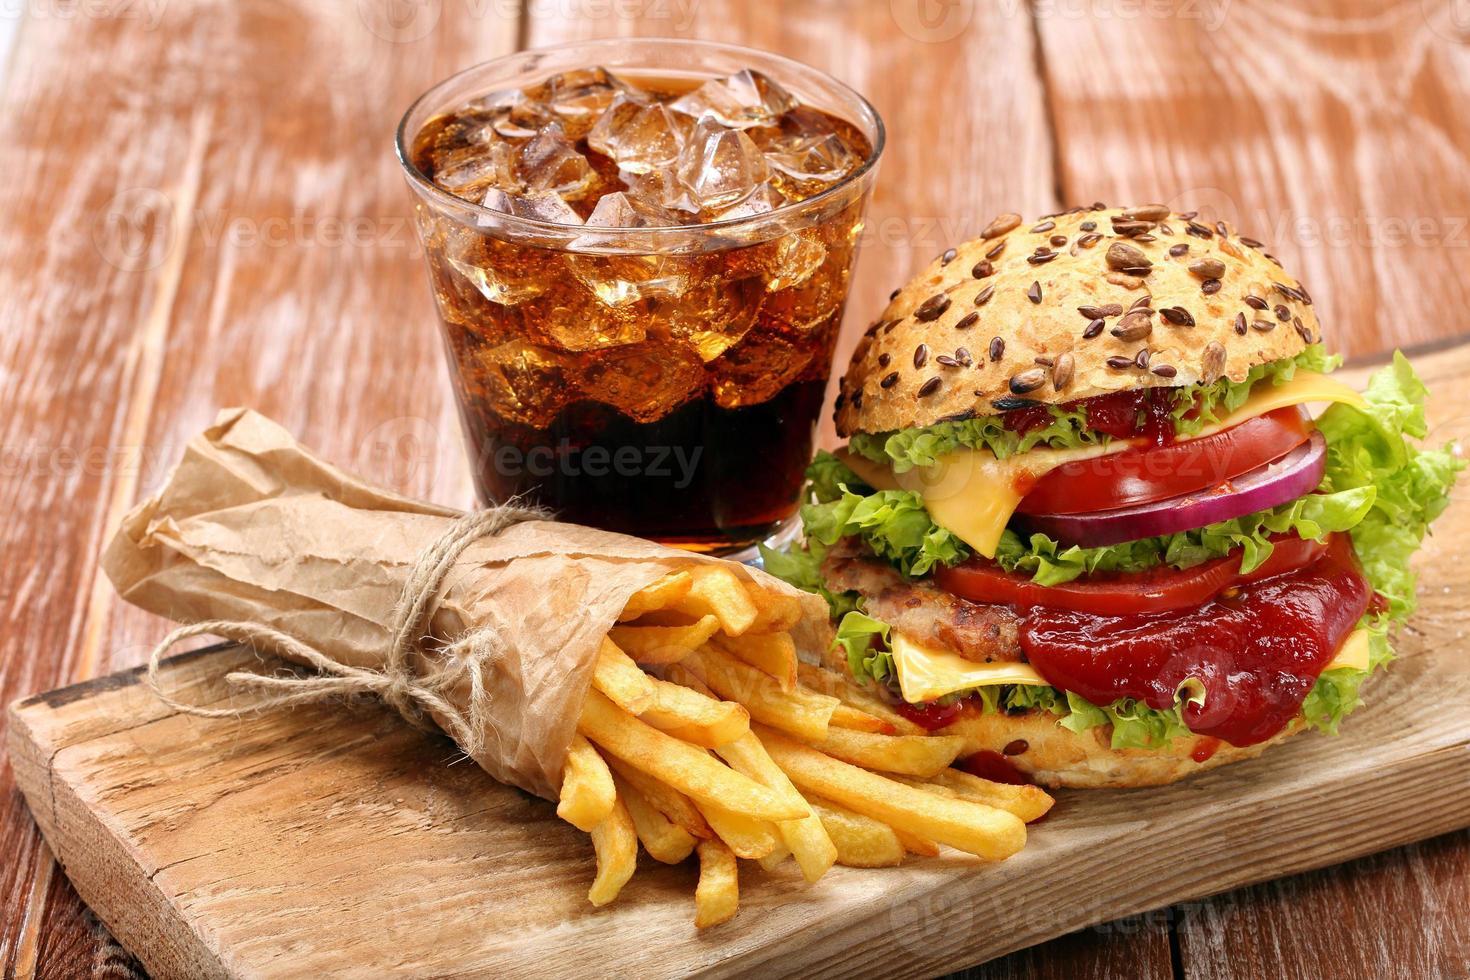 hambúrguer grelhado com batatas fritas e cola no fundo da parede de tijolo foto